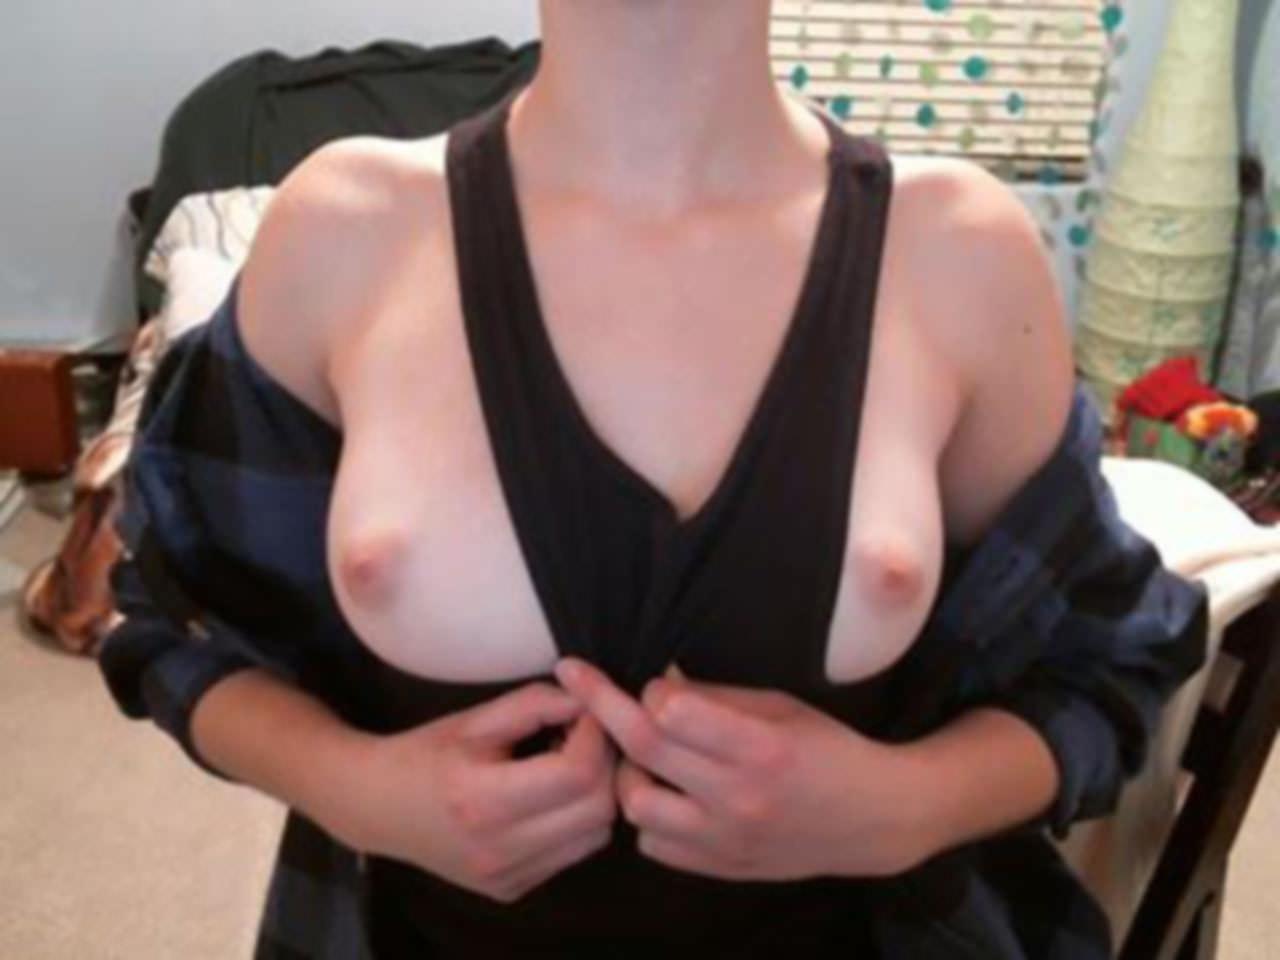 【外人】メンヘラ度全開のロシアンパイパン美少女の自画撮りライブチャットポルノ画像 4012